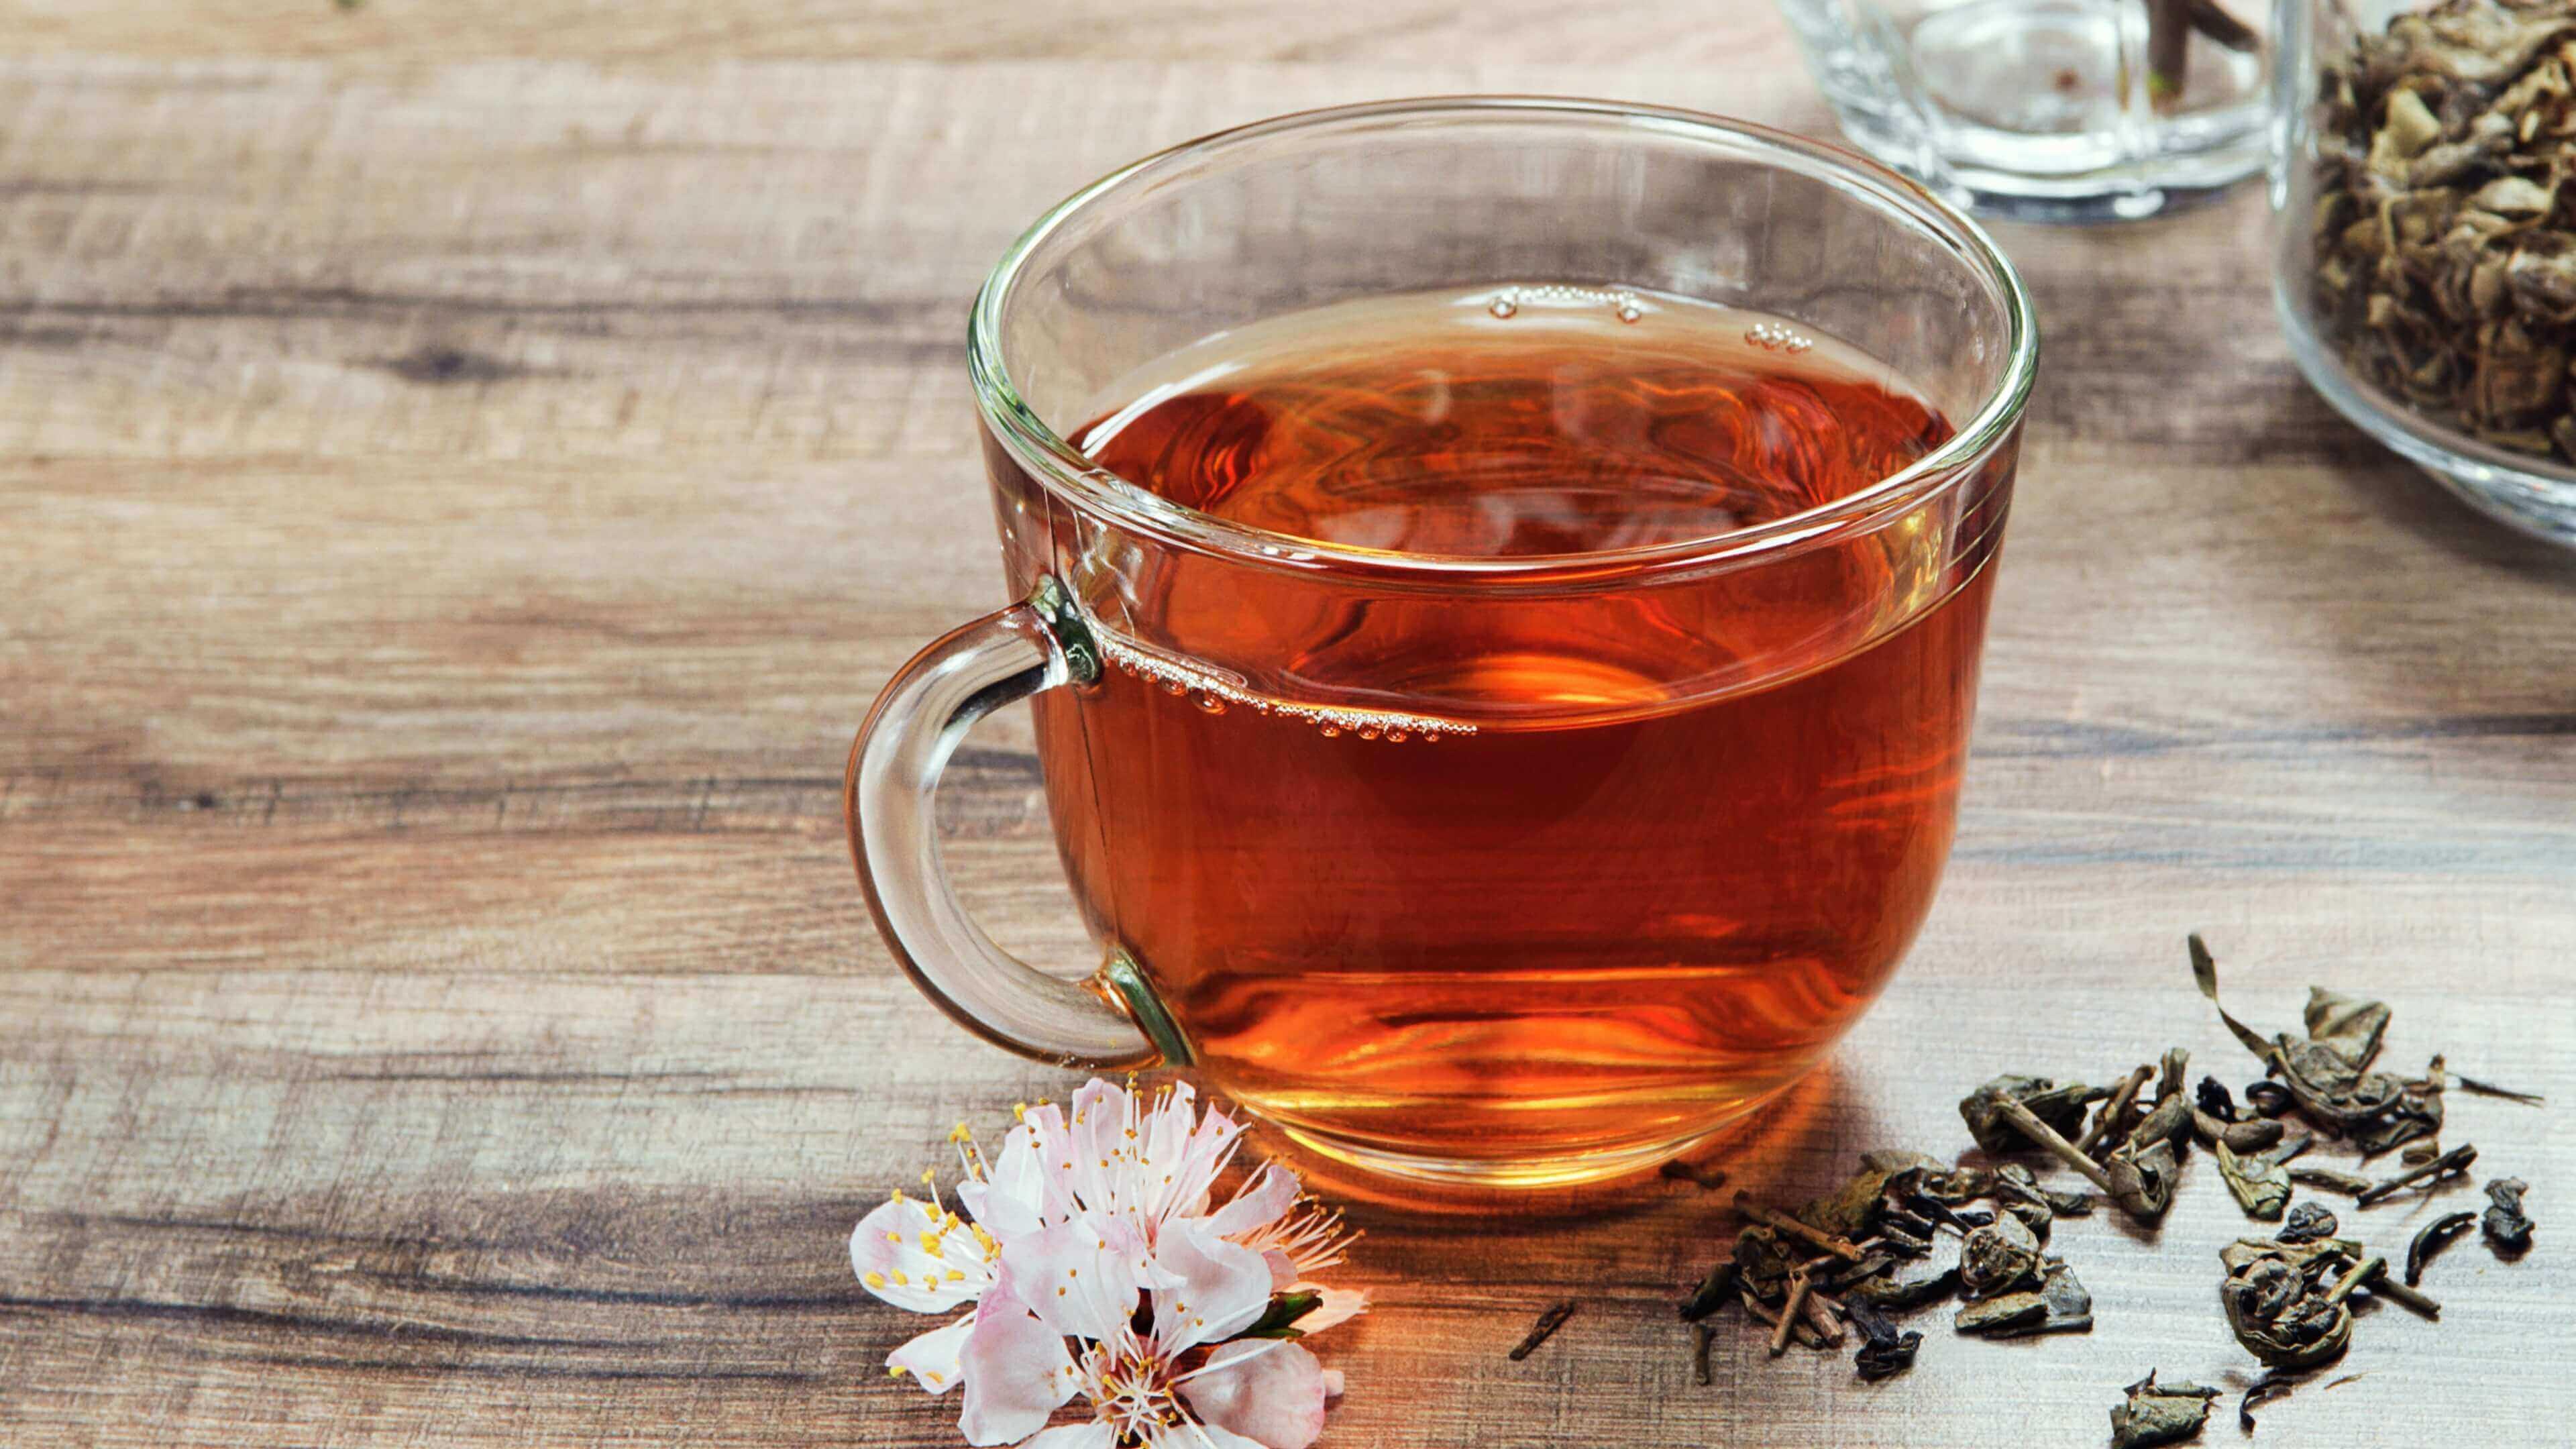 Mide Bulantısına iyi Gelen Şeyler ilaçlar Otlar Çay